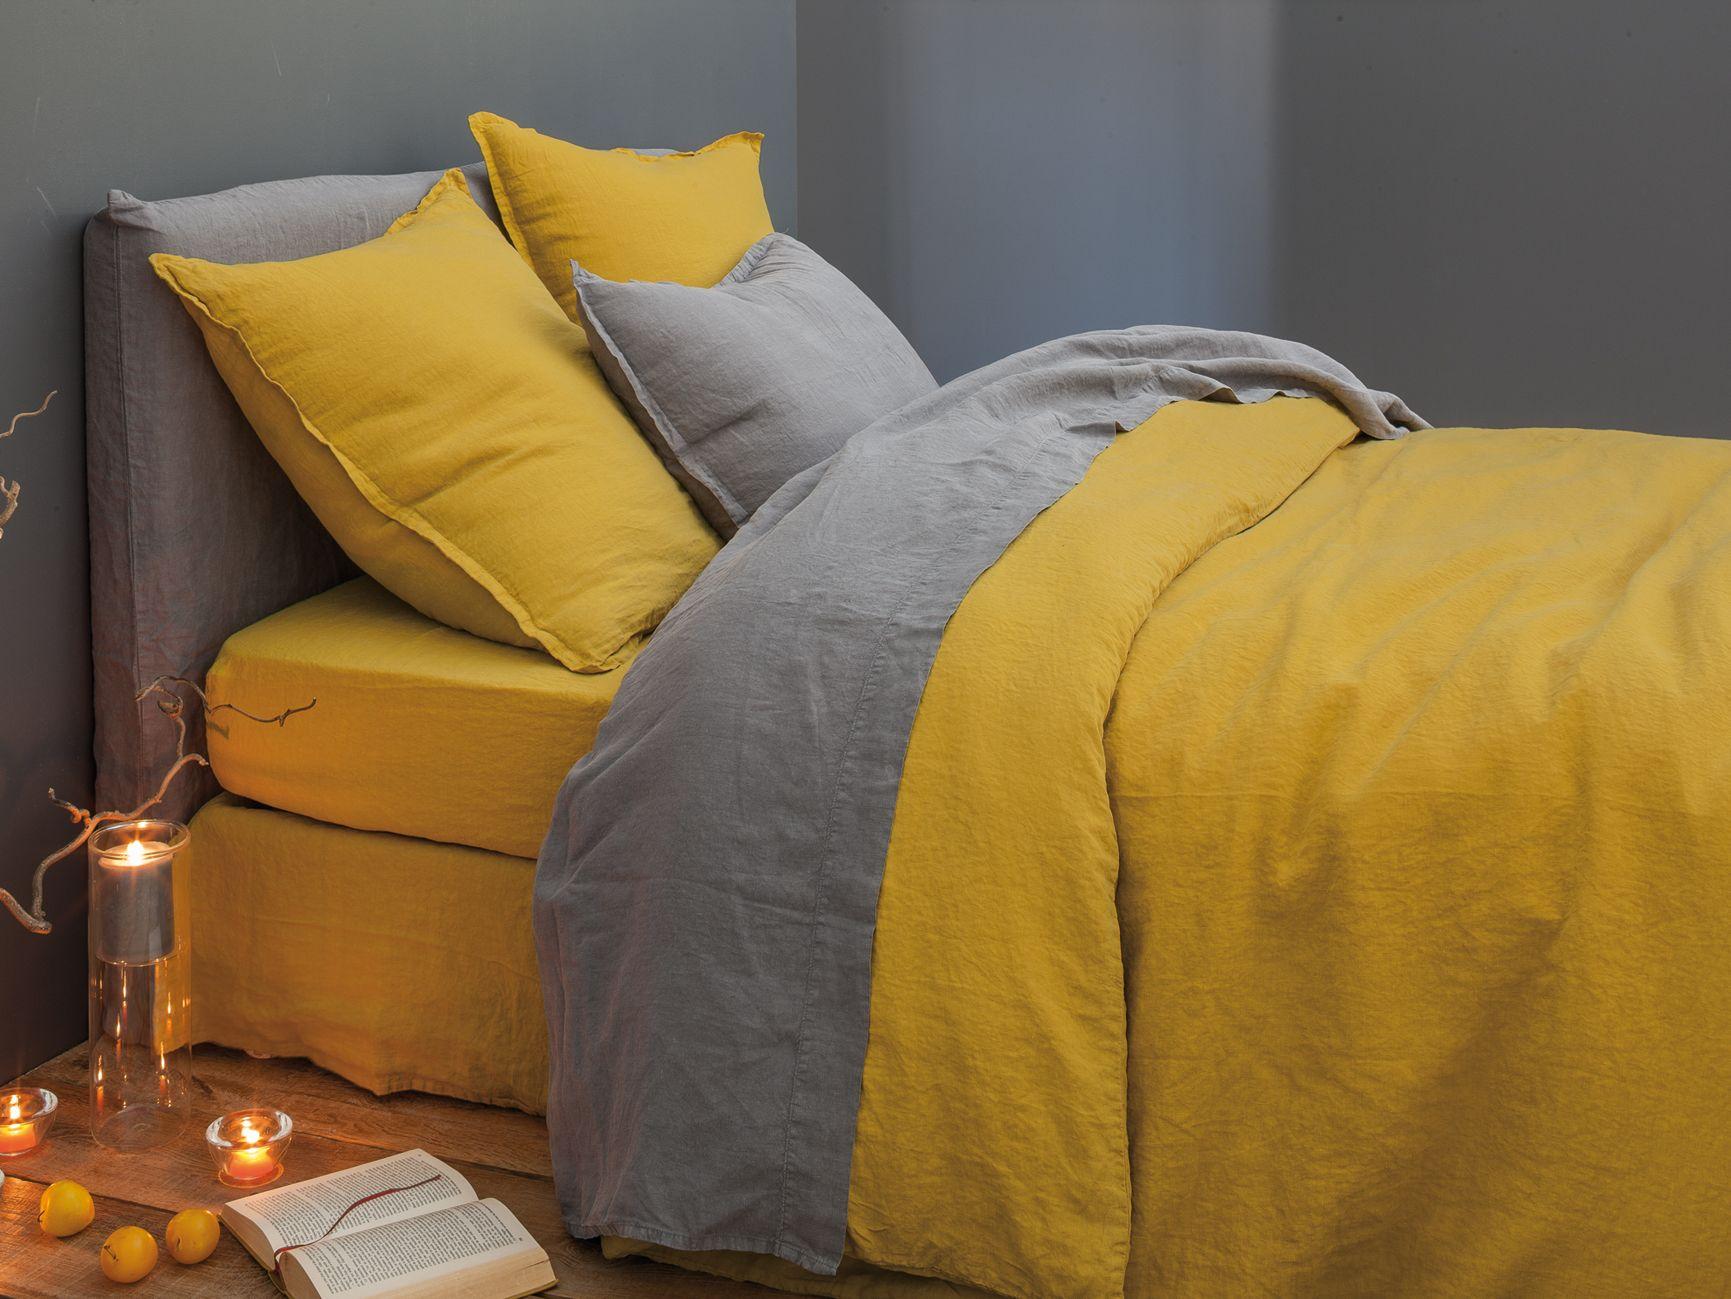 linge de lit housse de couette en lin lav safran 100 lin lav sommeil lit douceur. Black Bedroom Furniture Sets. Home Design Ideas